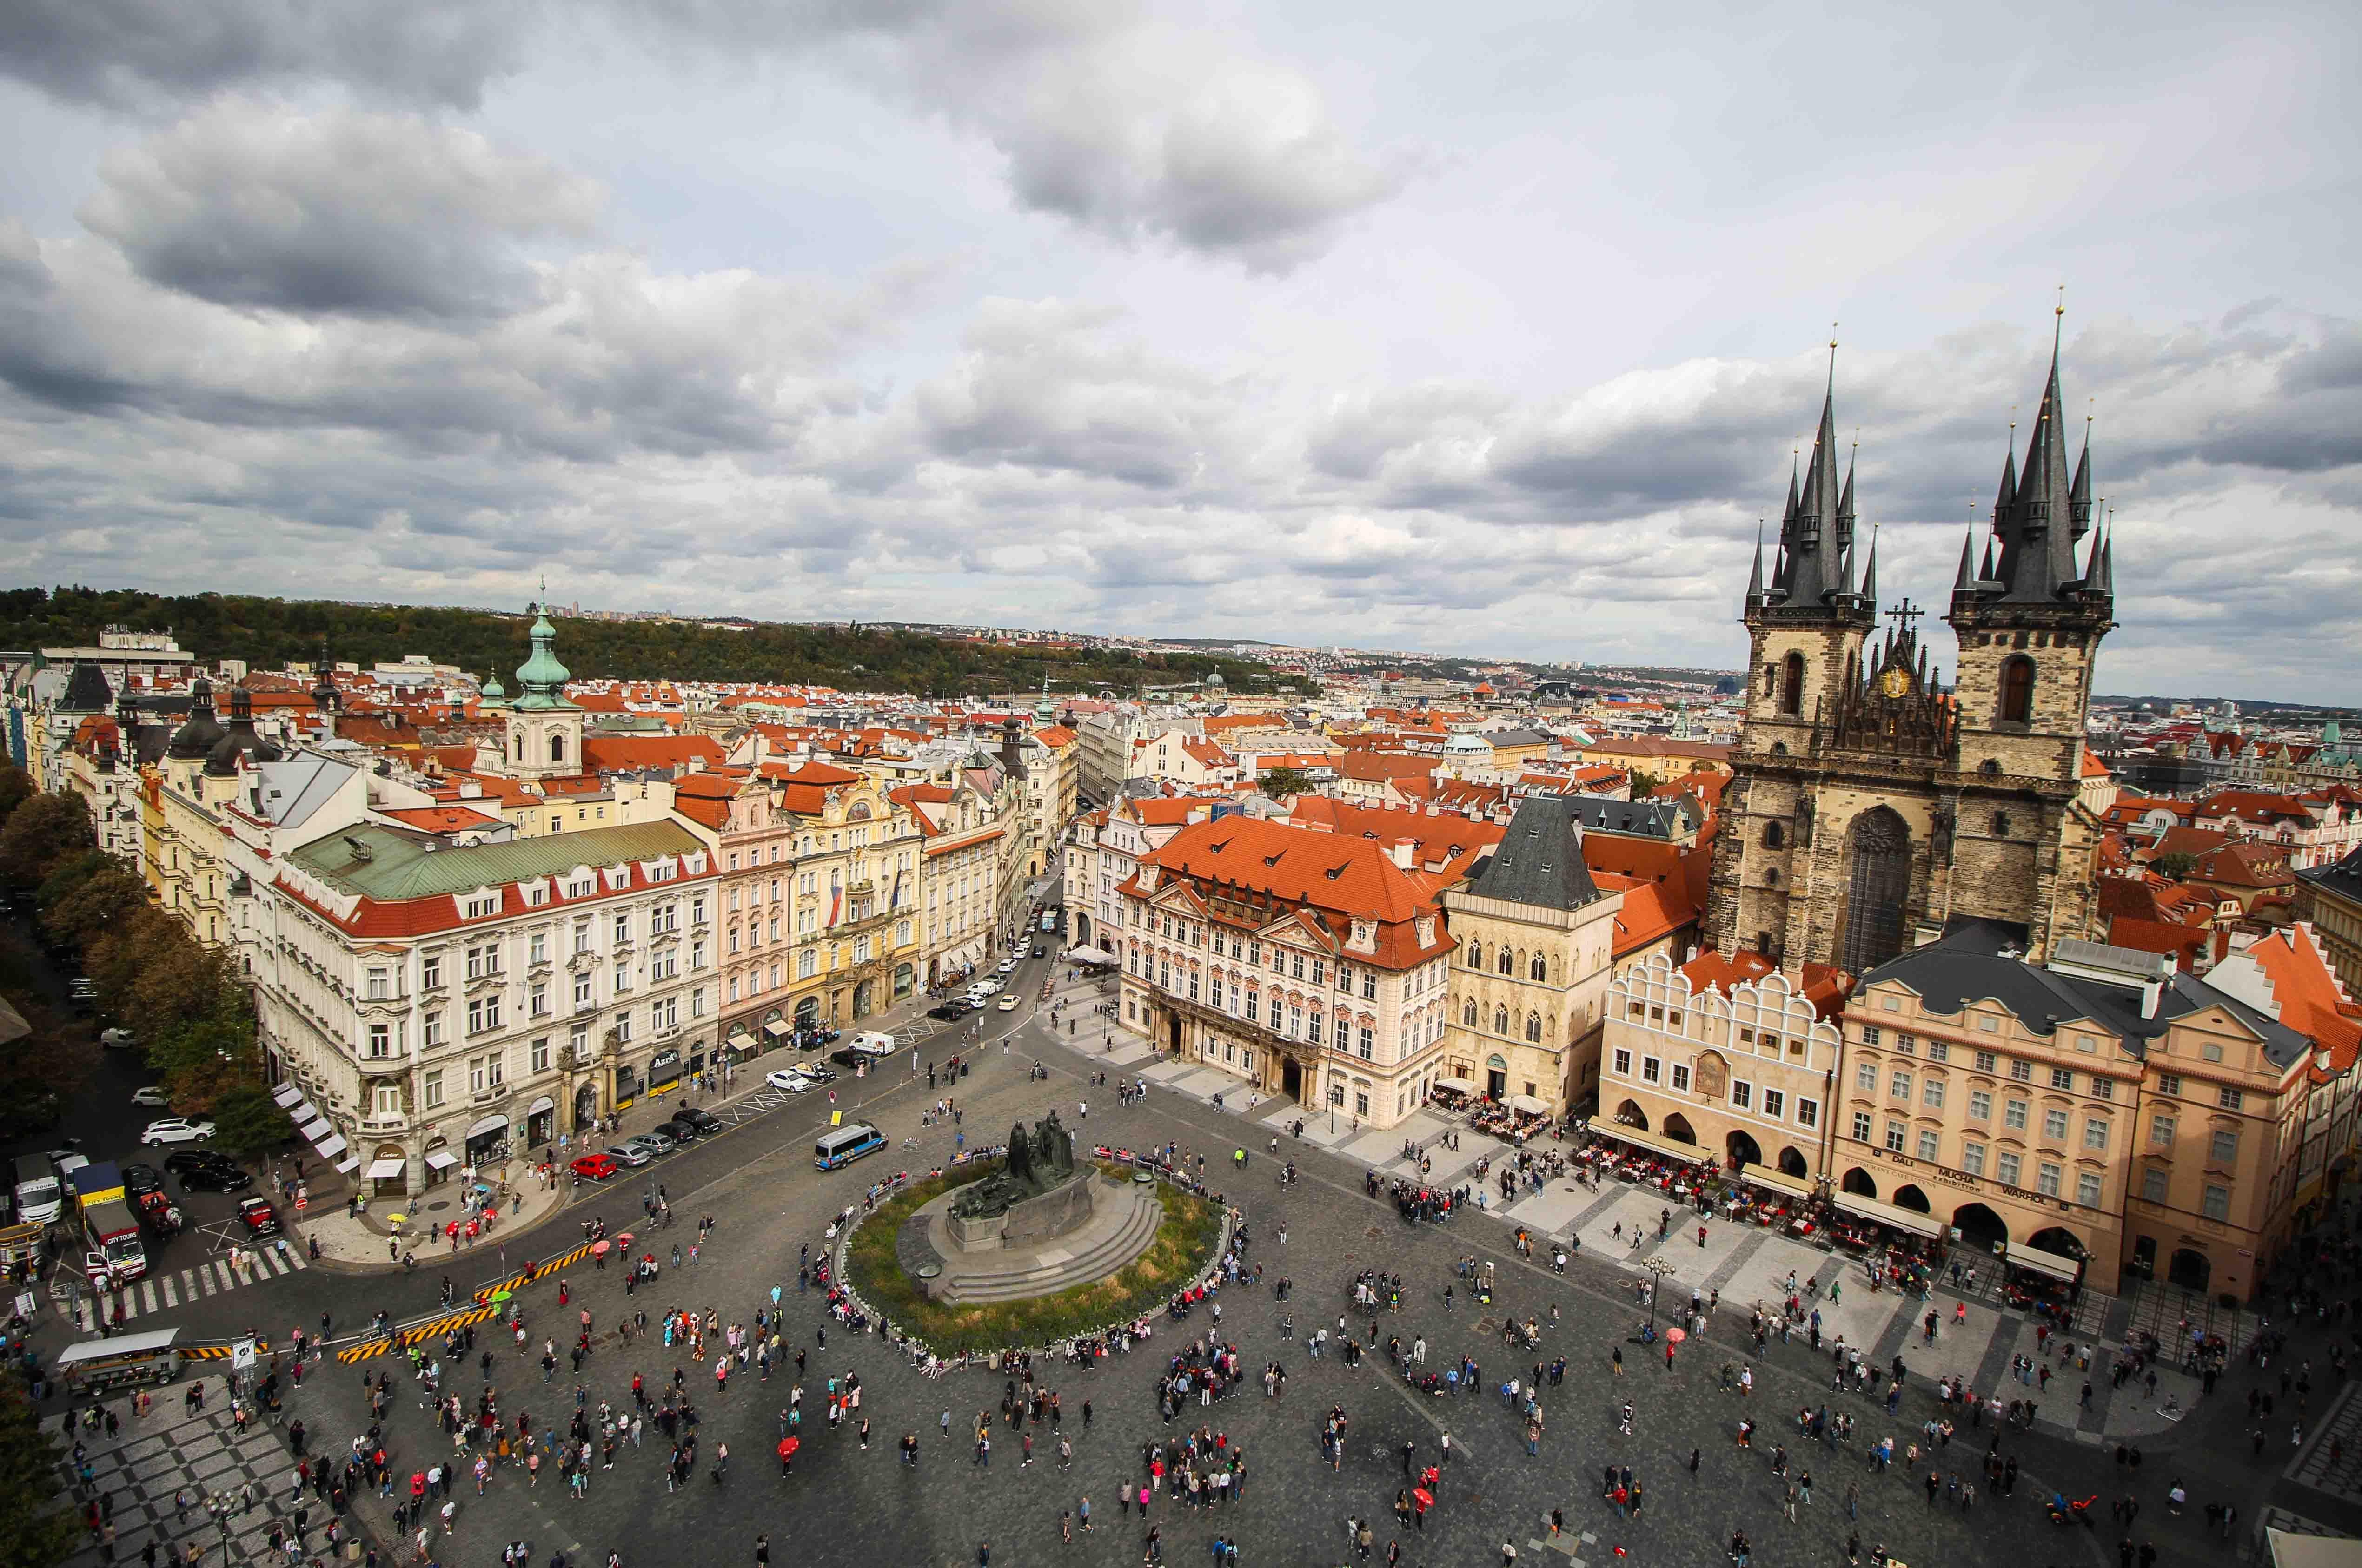 Top 10 Tipps Kurztrip Prag altes Rathaus Rathausturm Ausblick Sehenswürdigkeiten Prag Insidertipps Reiseblog Rathausplatz